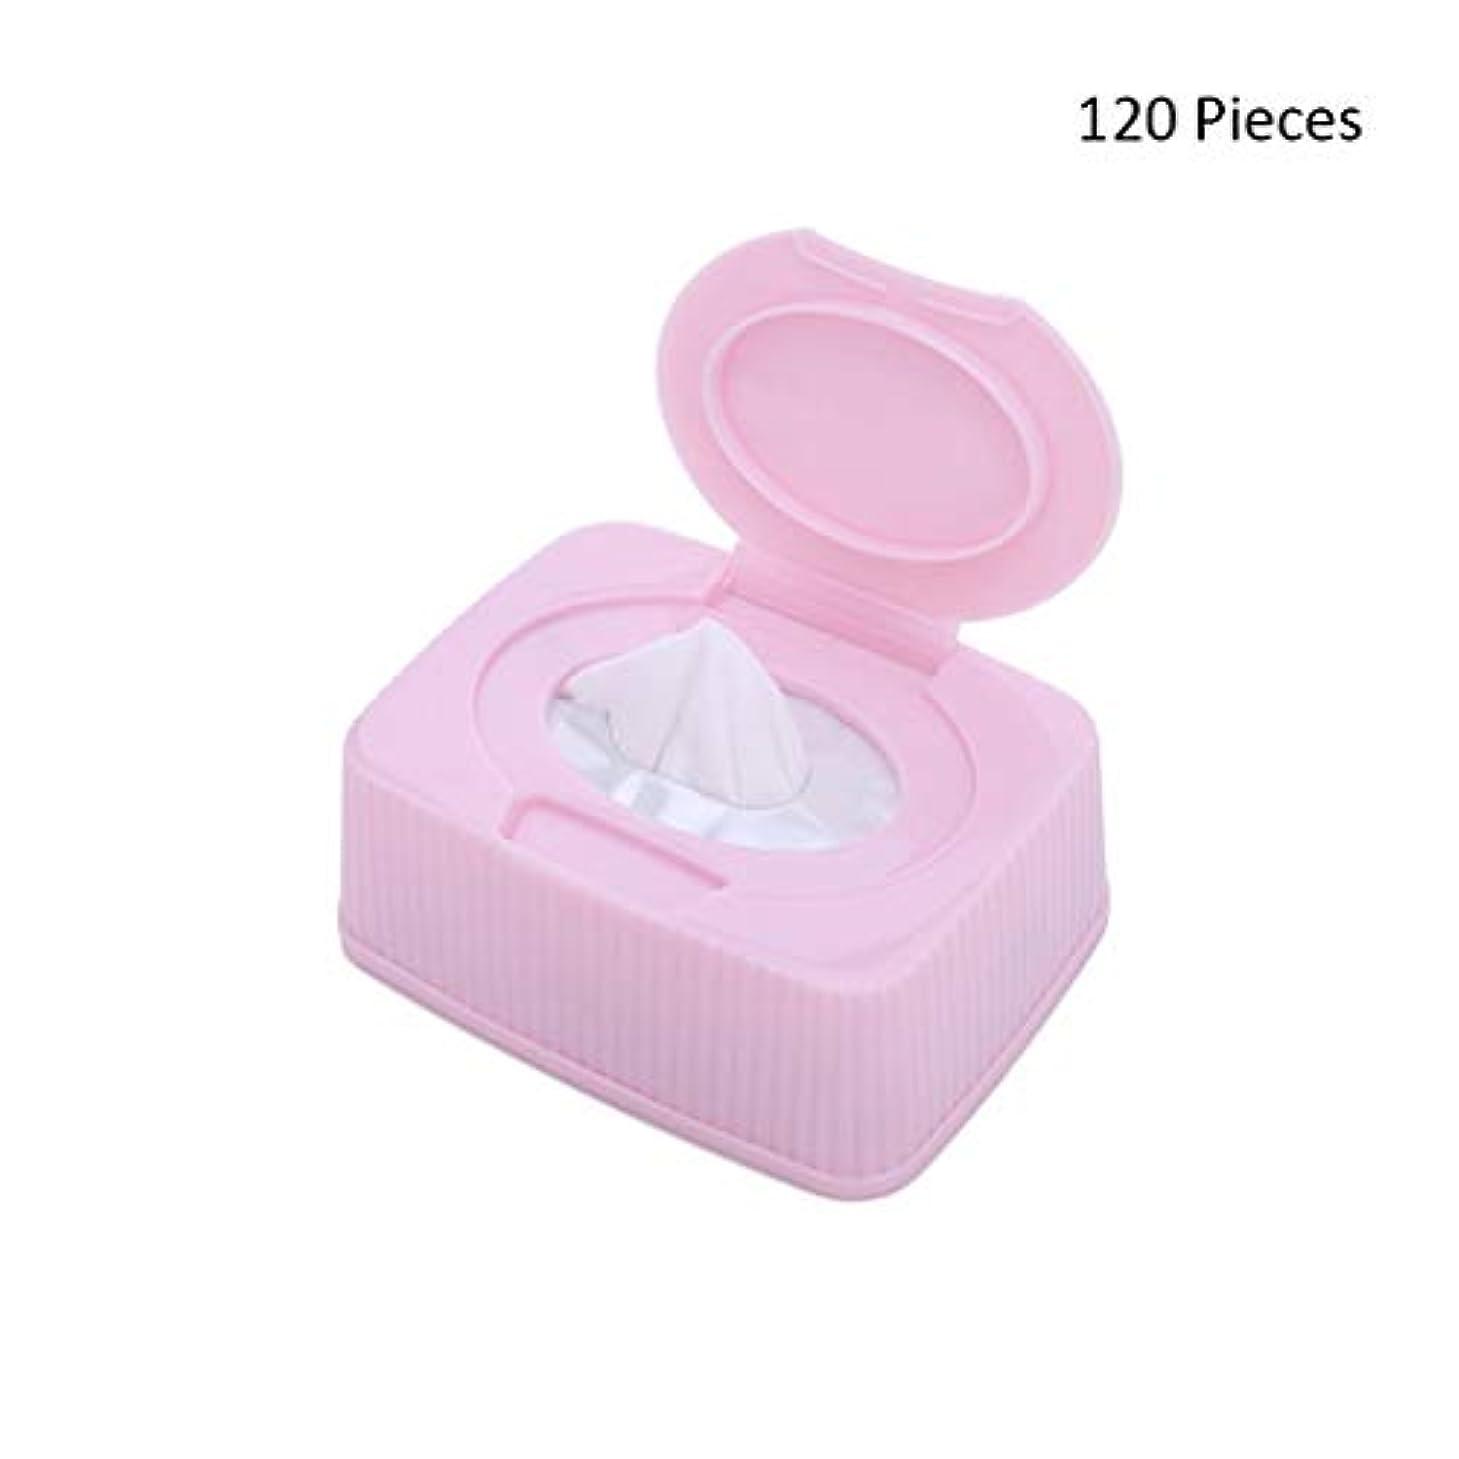 石鹸農奴いらいらする120ピース/ボックスフェイスメイク落としフェイシャル化粧品リムーバーパッドメイクアップコットンクリーナースキンケアワイプフェイスウォッシュコットンパッド (Color : Pink, サイズ : 120 pieces)